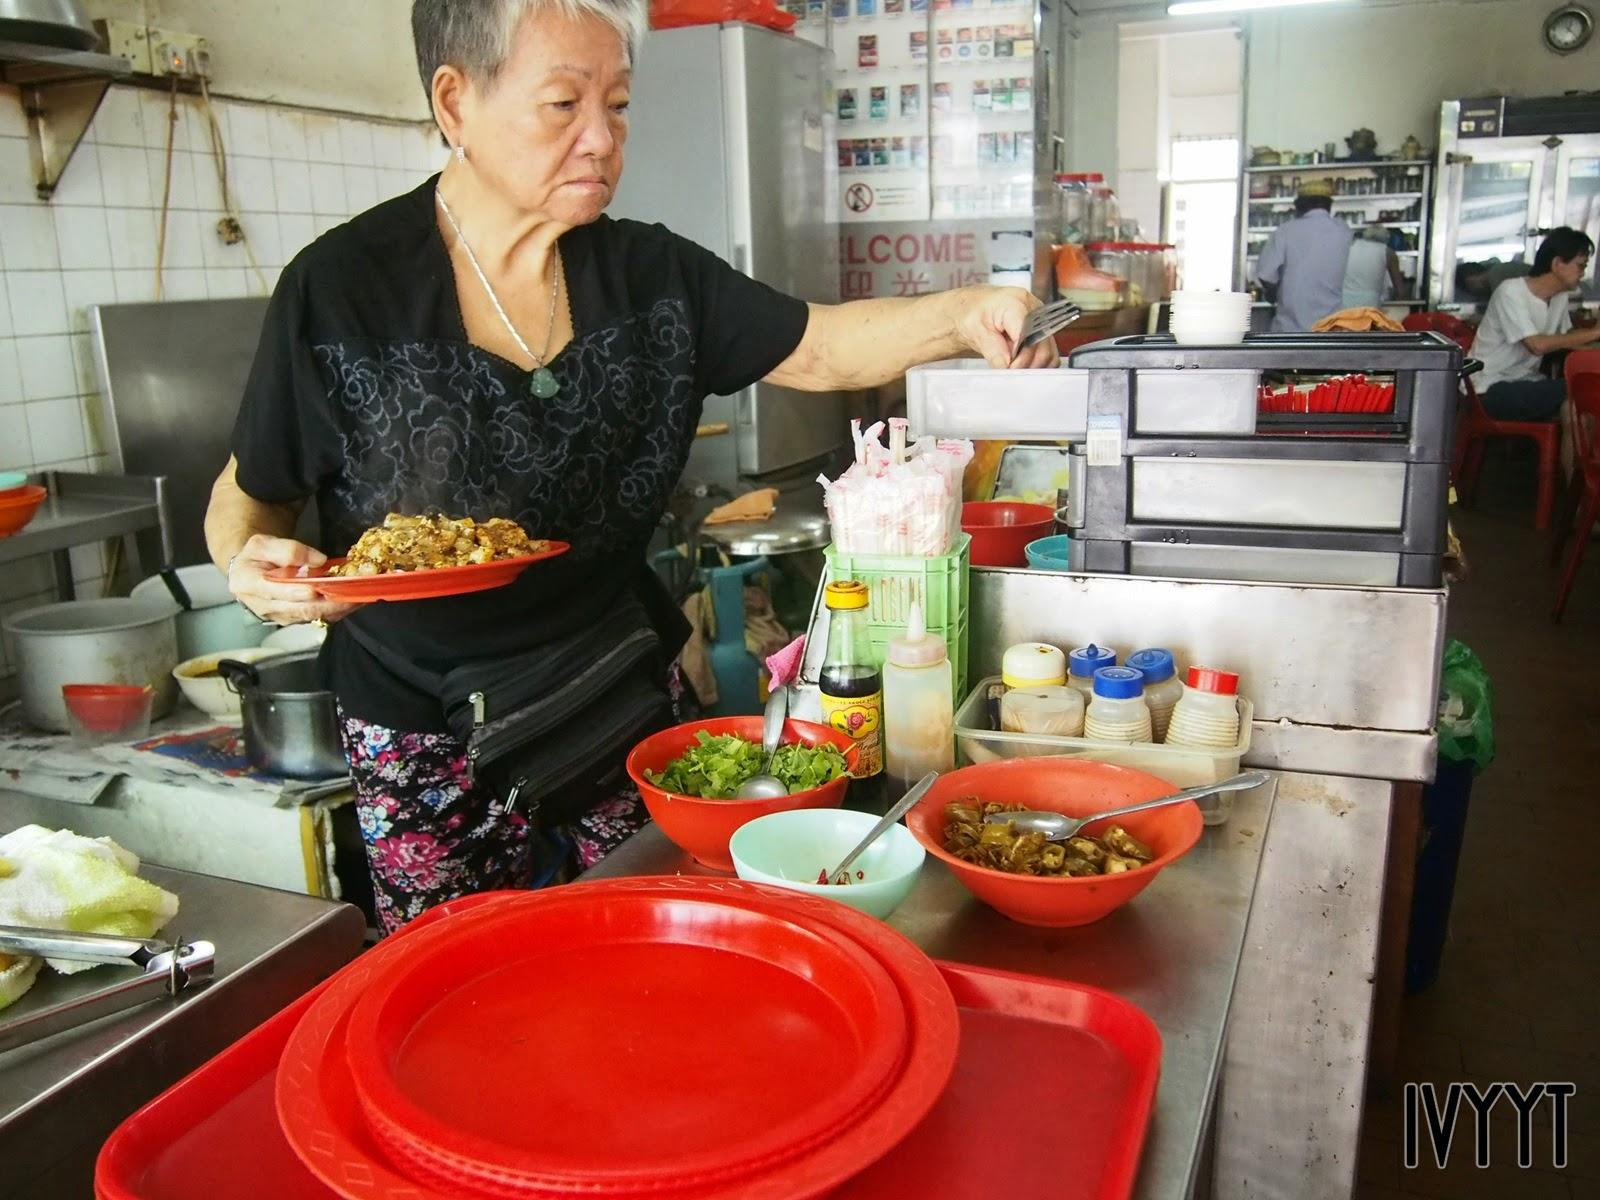 Heap Seng Leong